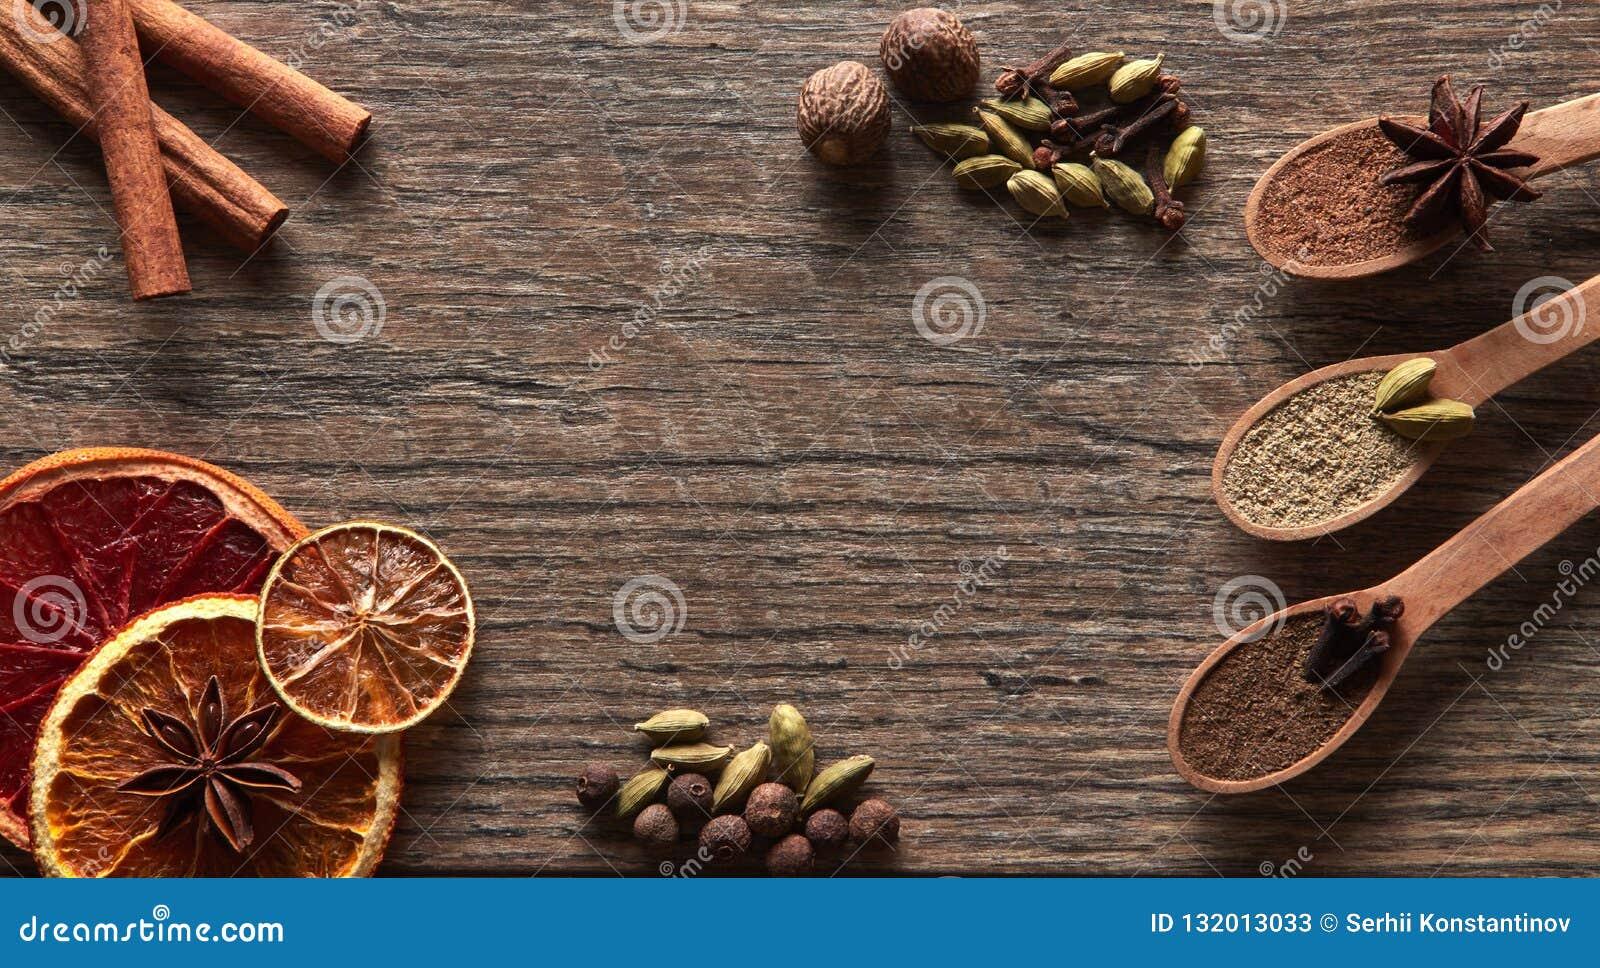 Kardemumma kanelbruna pinnar, kryddnejlikor, muskotnöt, anisstjärnor, kryddpeppar